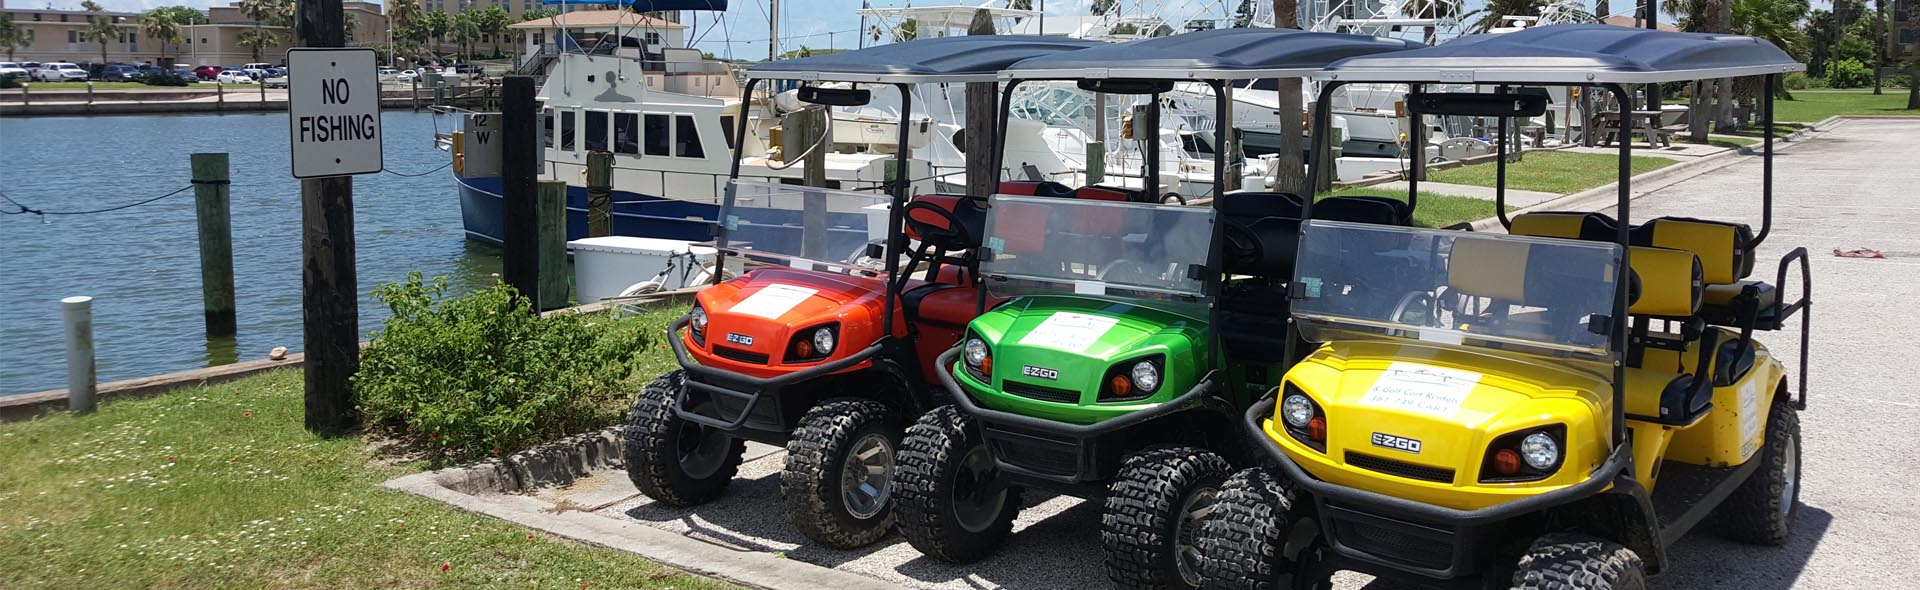 Silver Sands rental golf carts at the Port Aransas marina